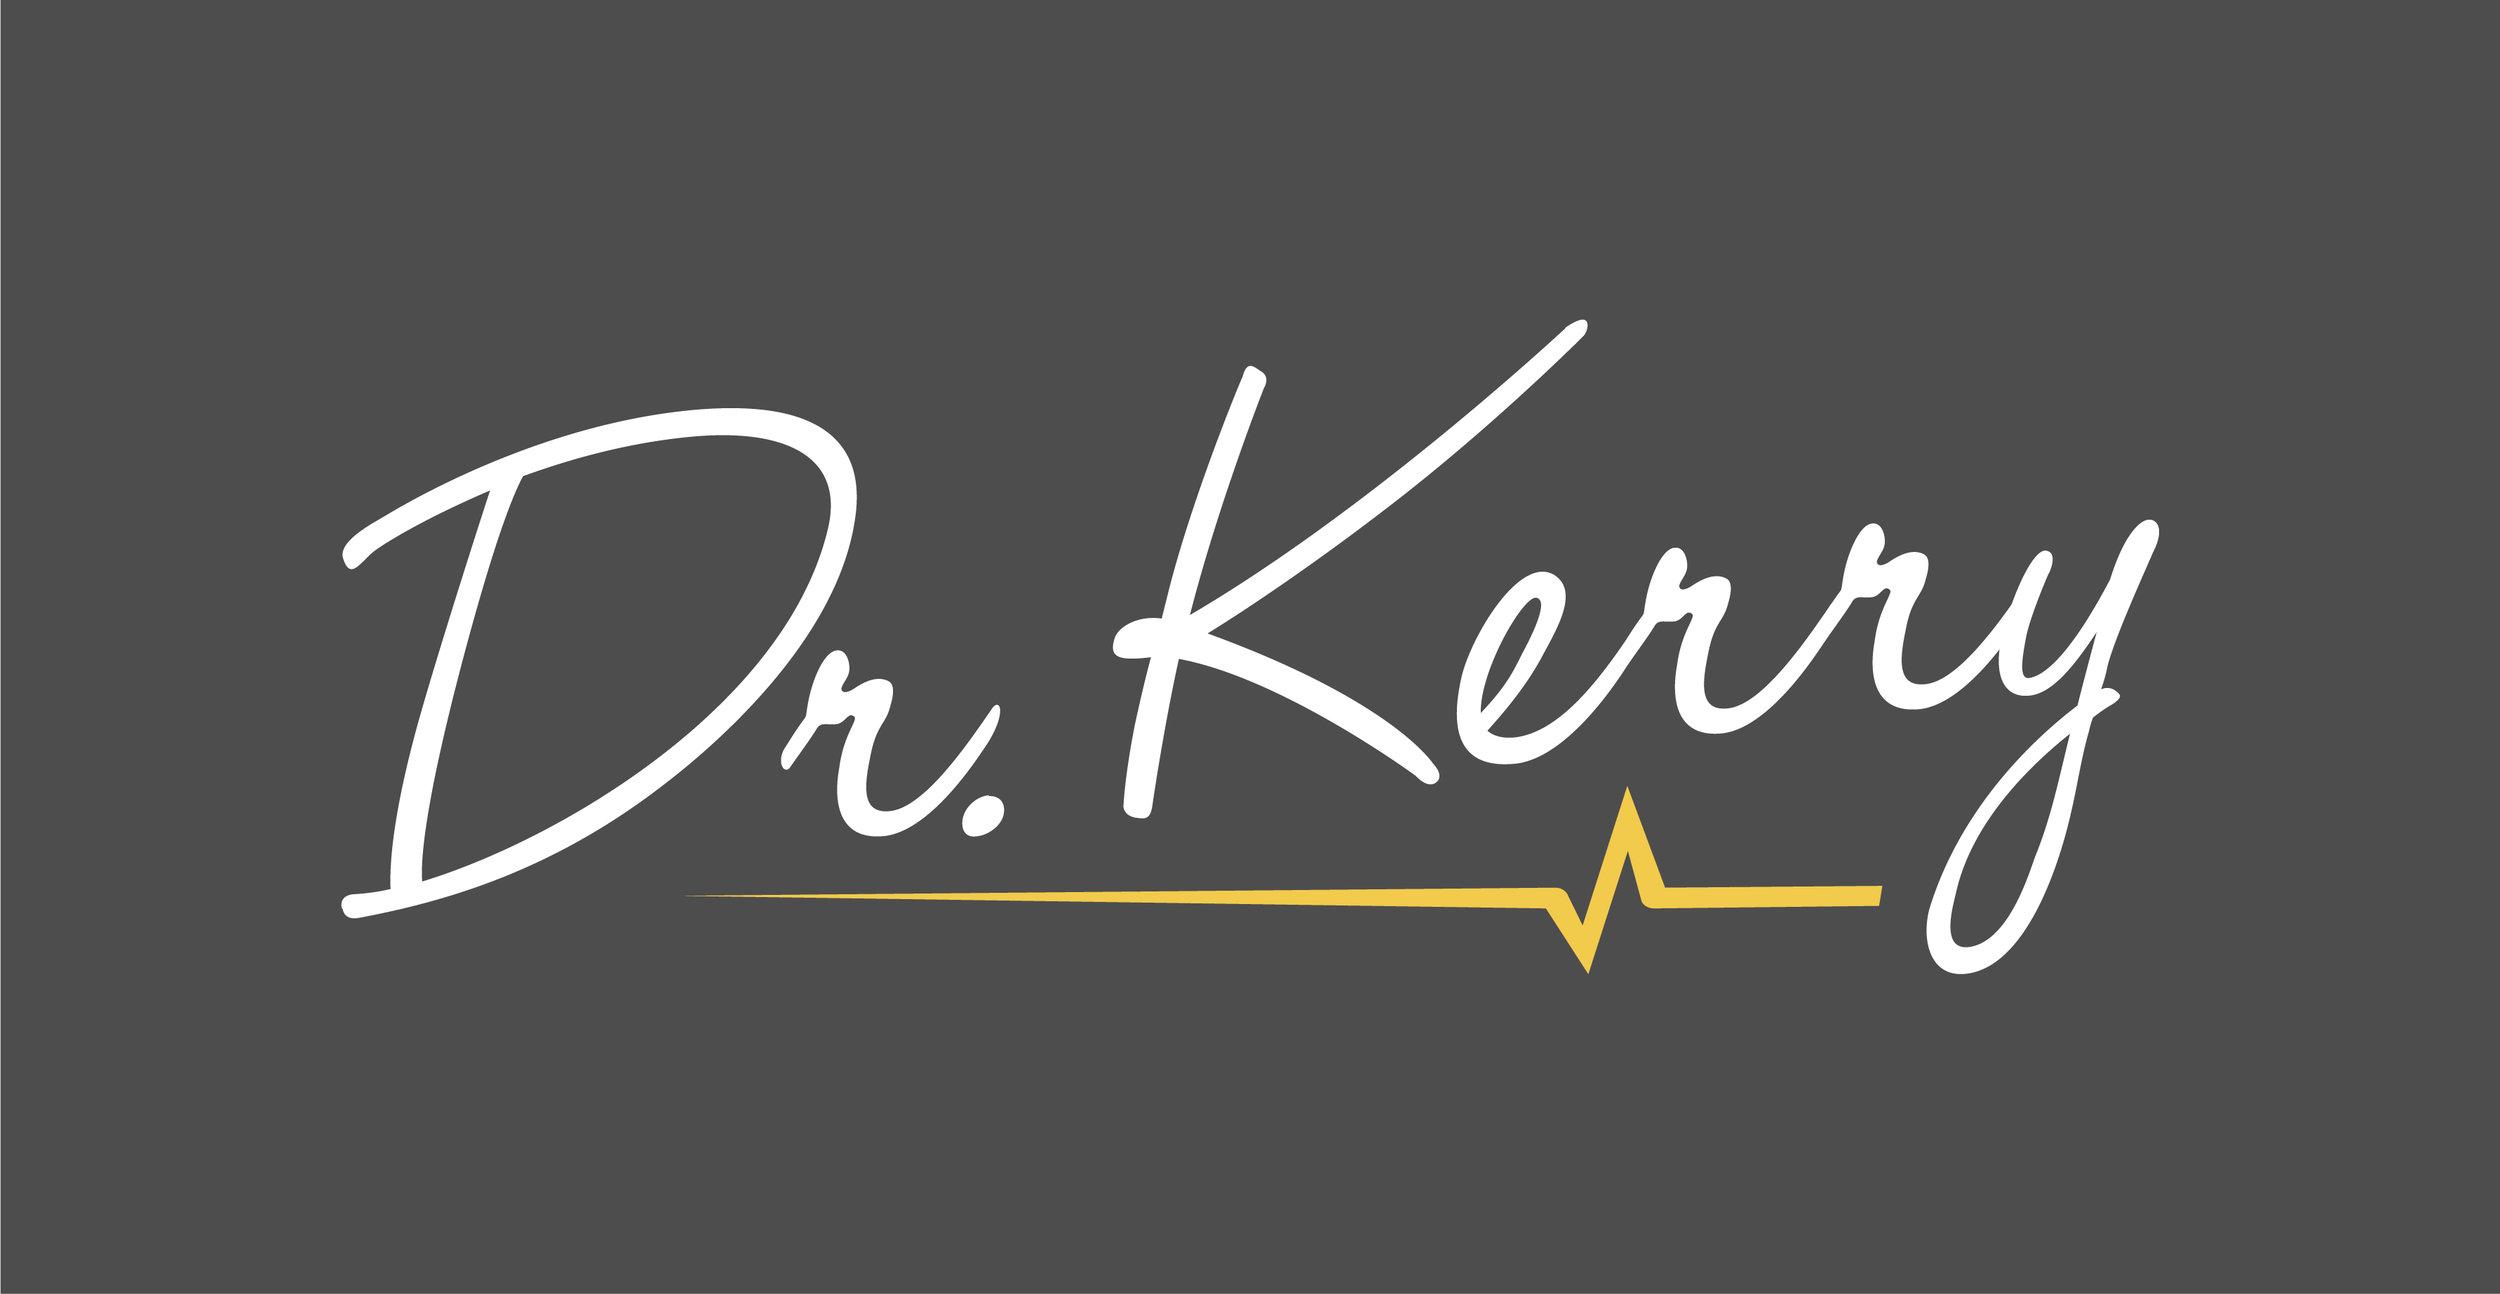 DrKerry-logo-RGB-reversed.jpg